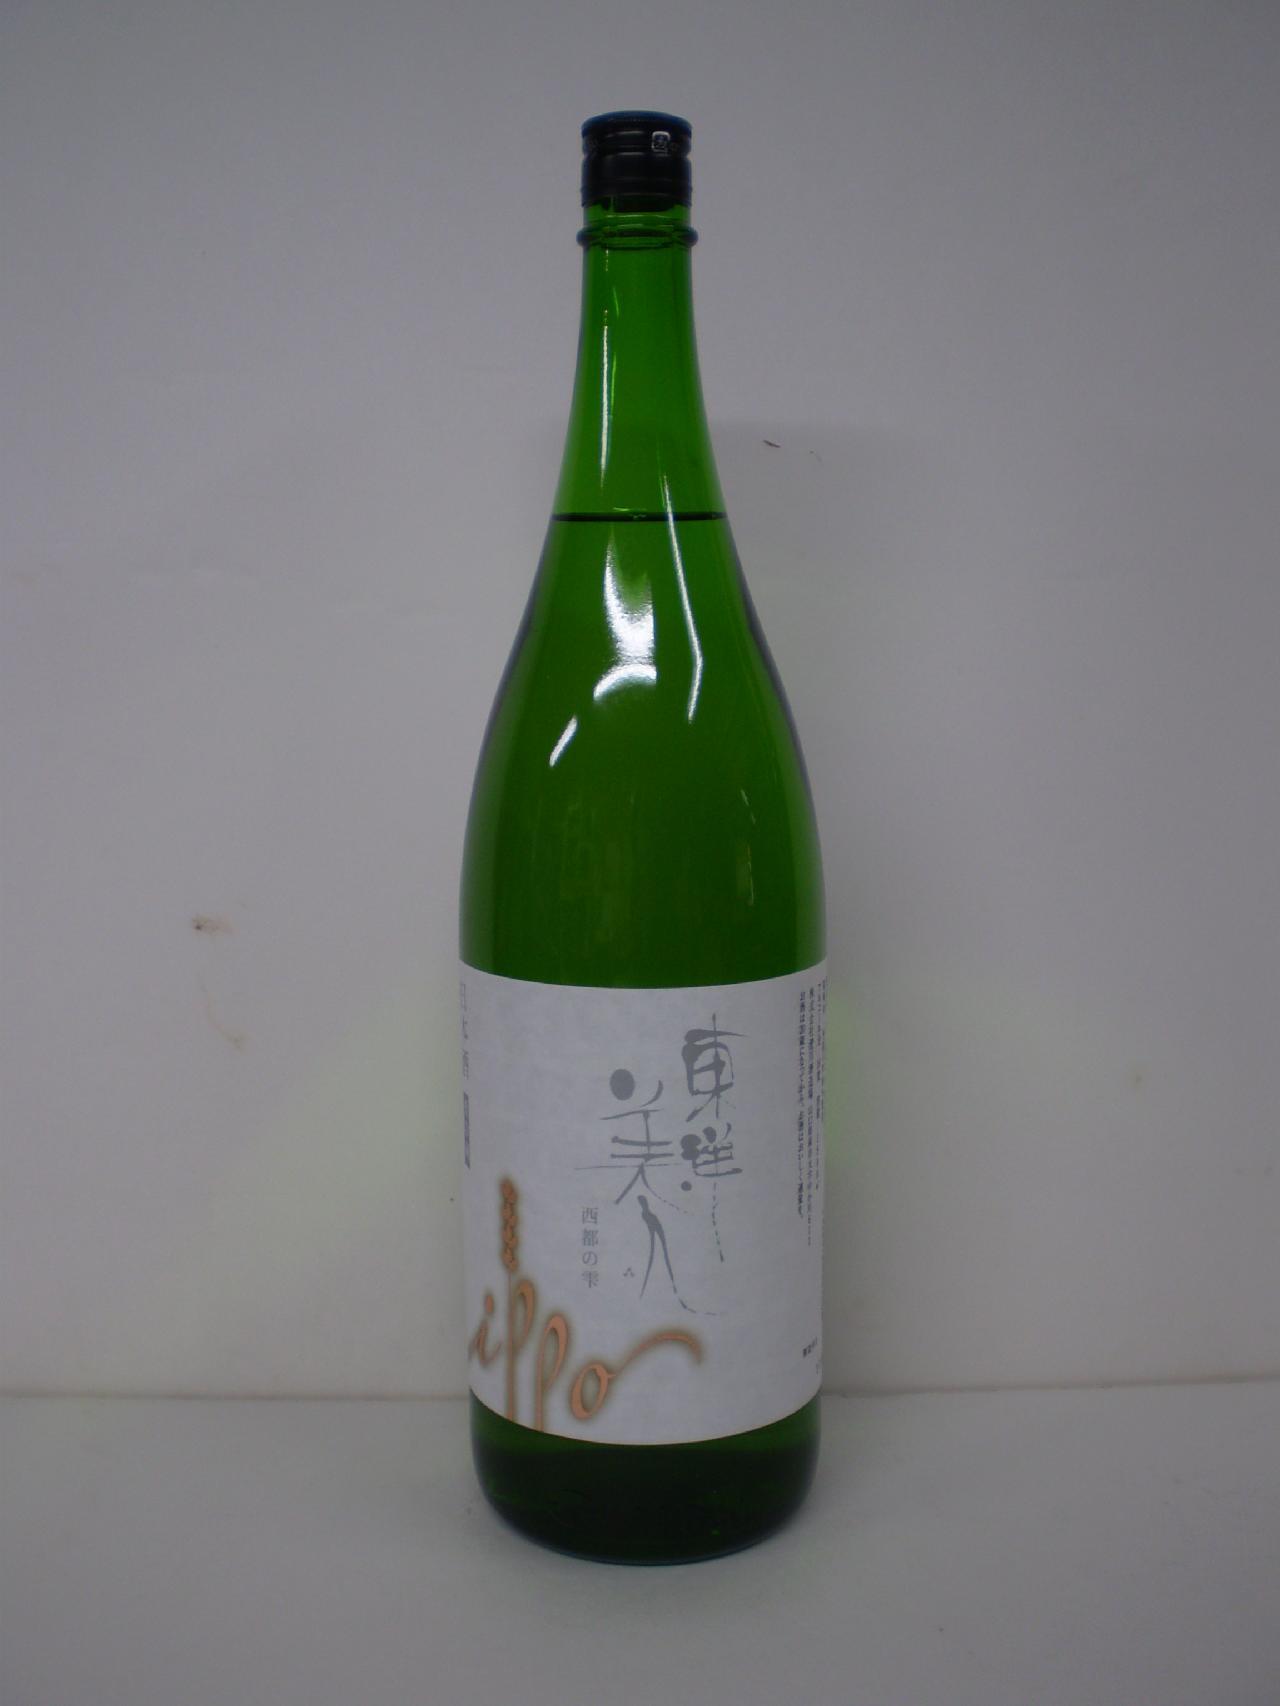 東洋美人 一歩 西都の雫 1800ml 澄川酒造場